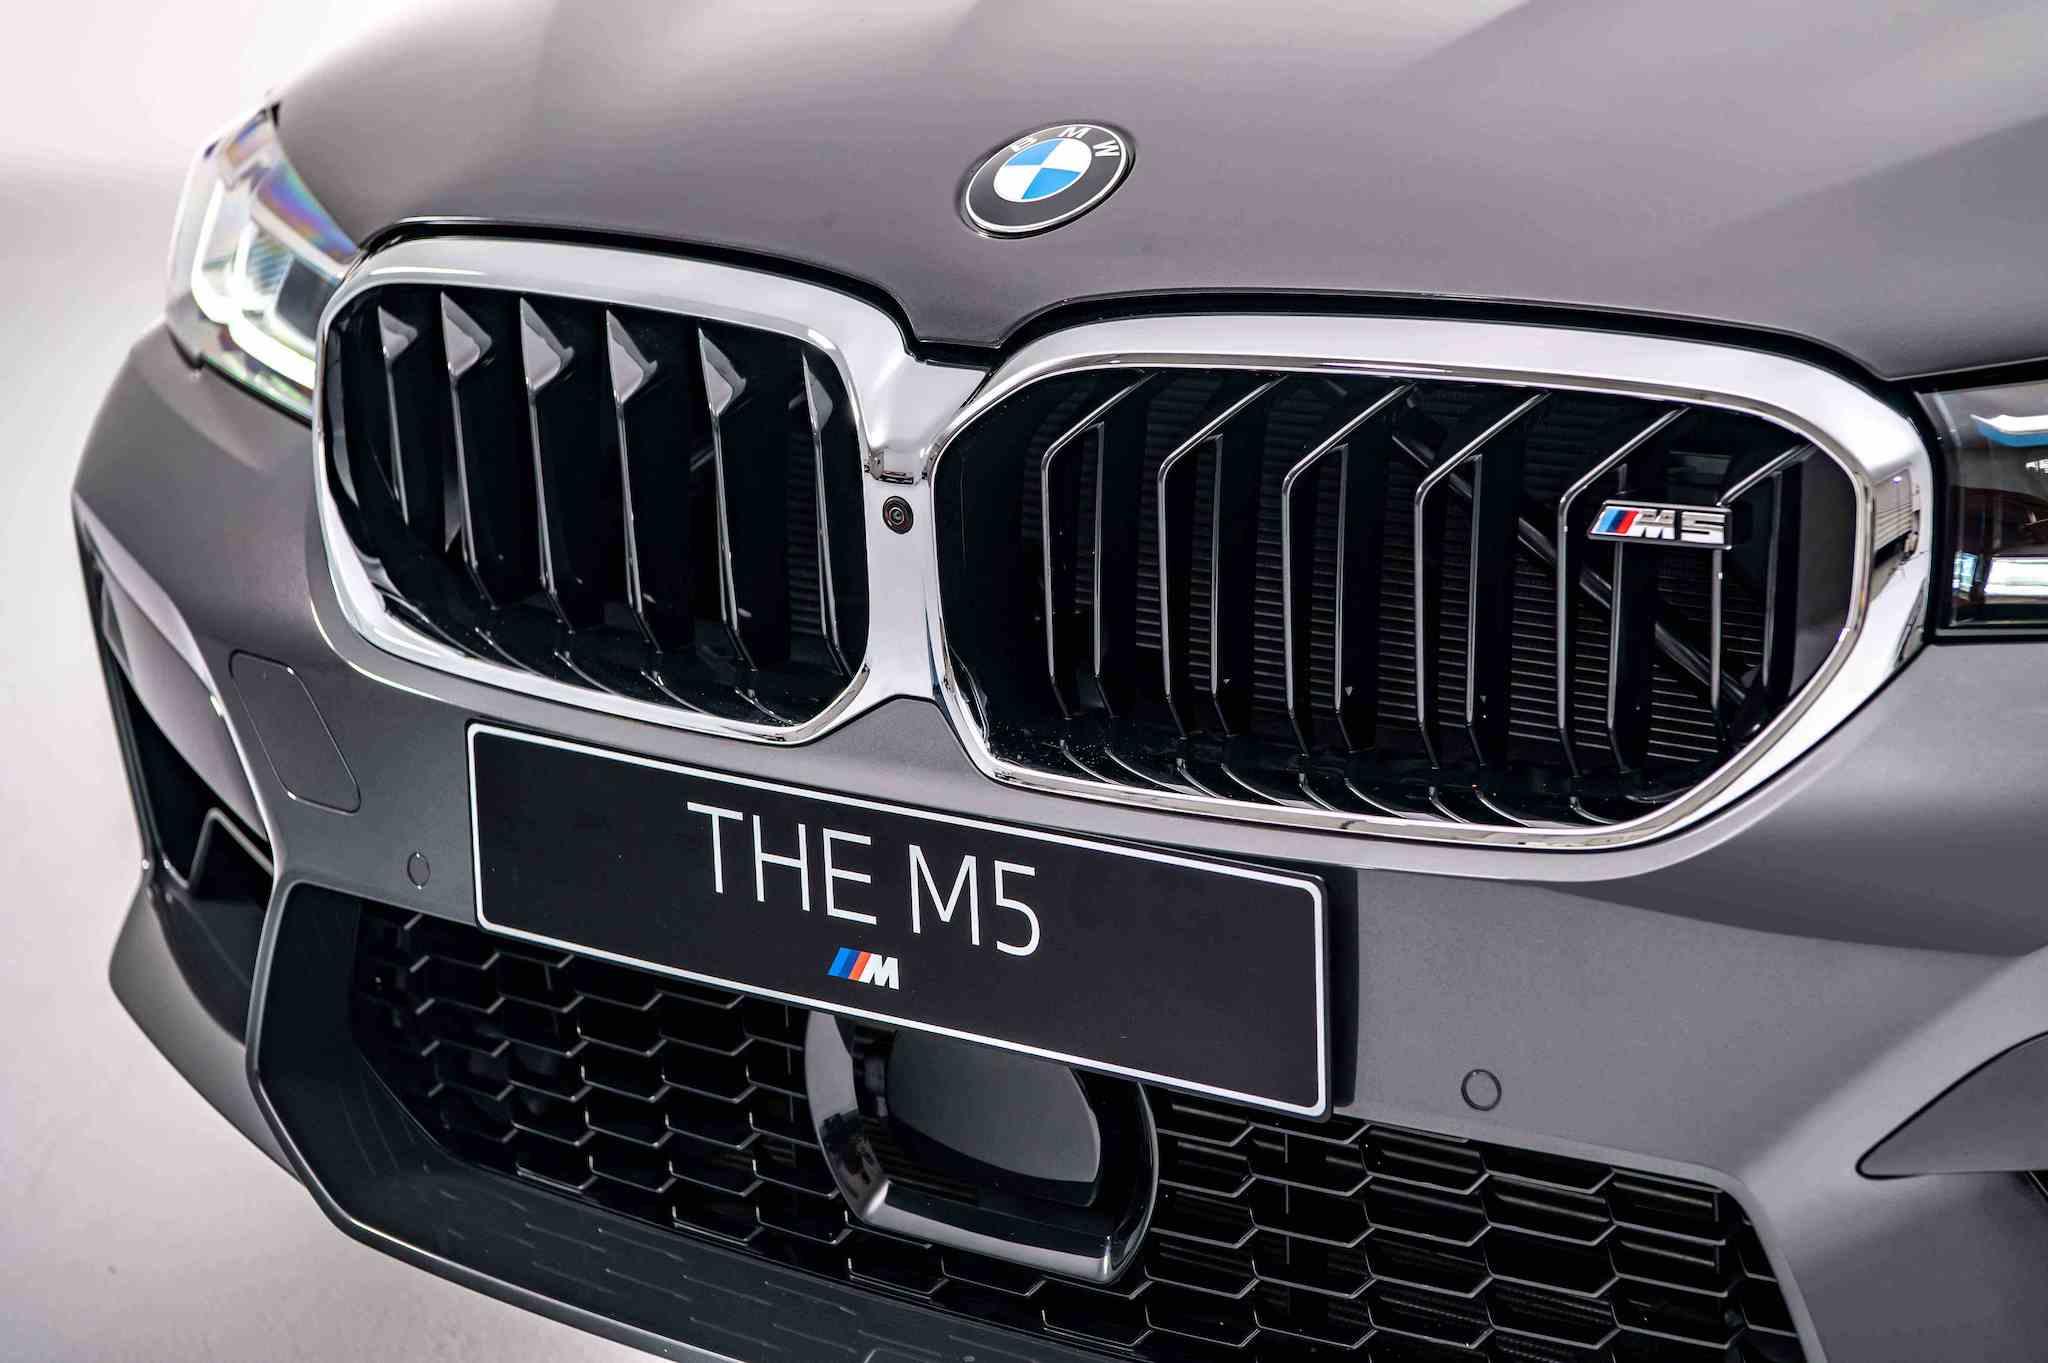 鑲有 M5 銘牌的全新設計 M 專屬雙柵腎形水箱護罩。